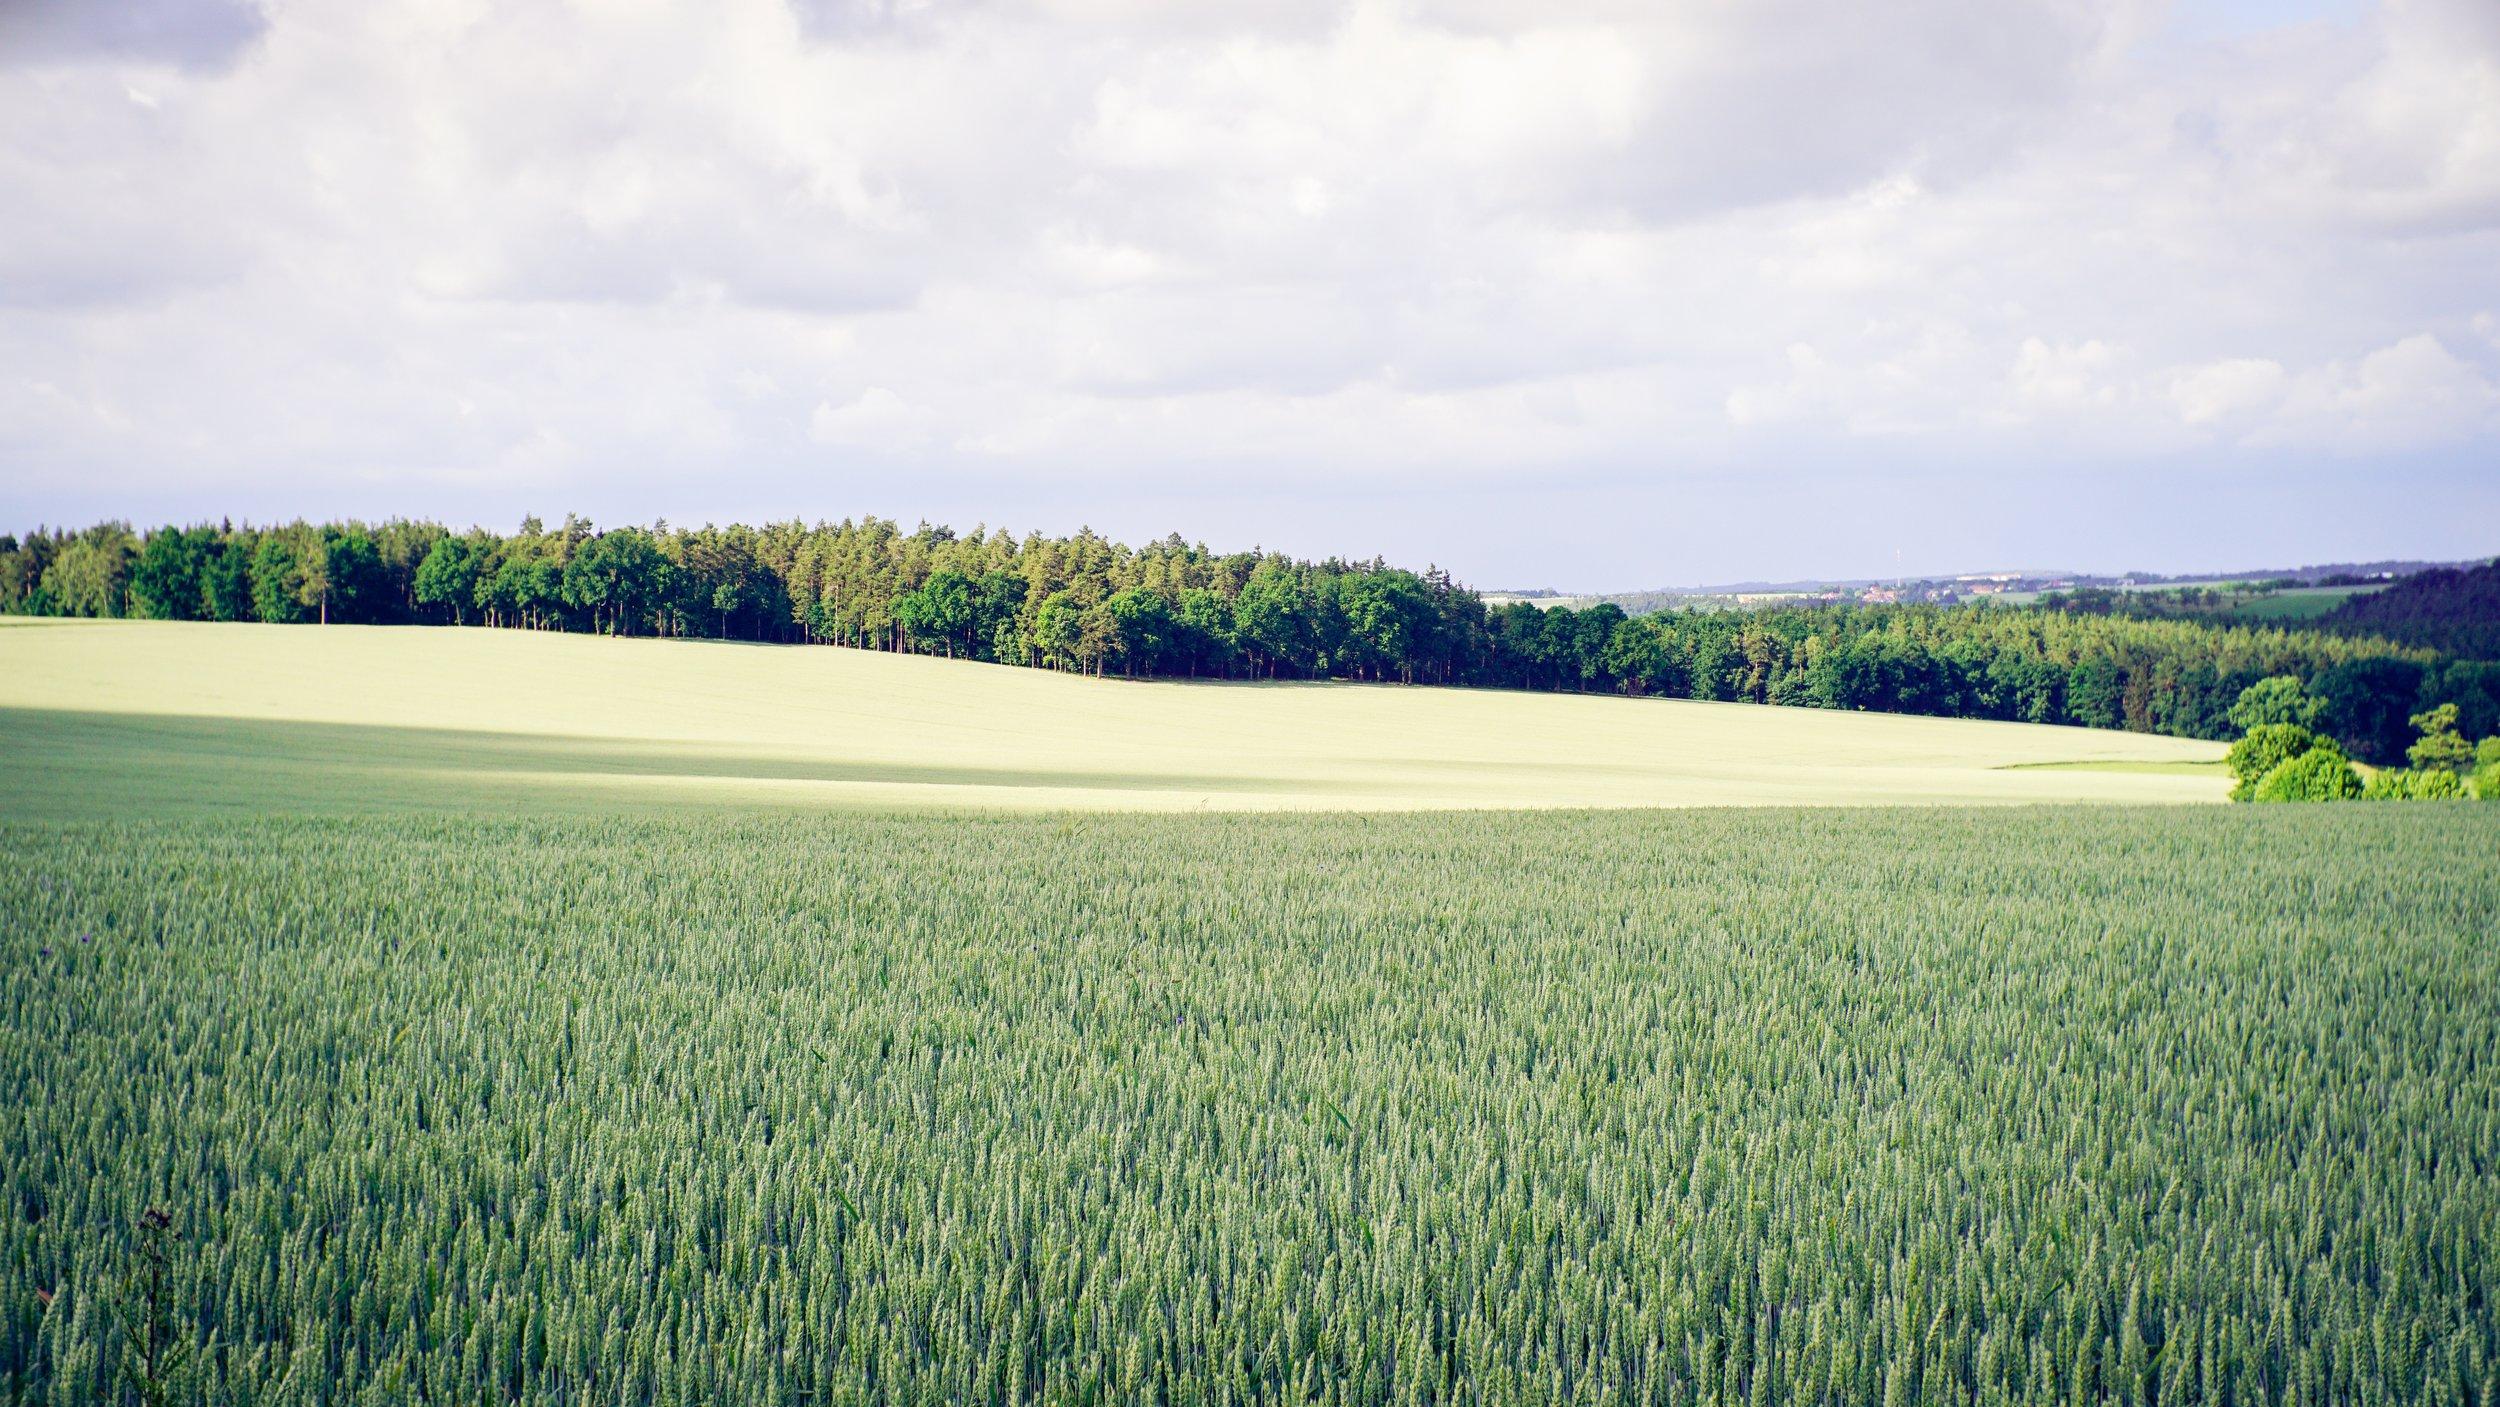 hilthart-pedersen-93952-unsplash.jpg